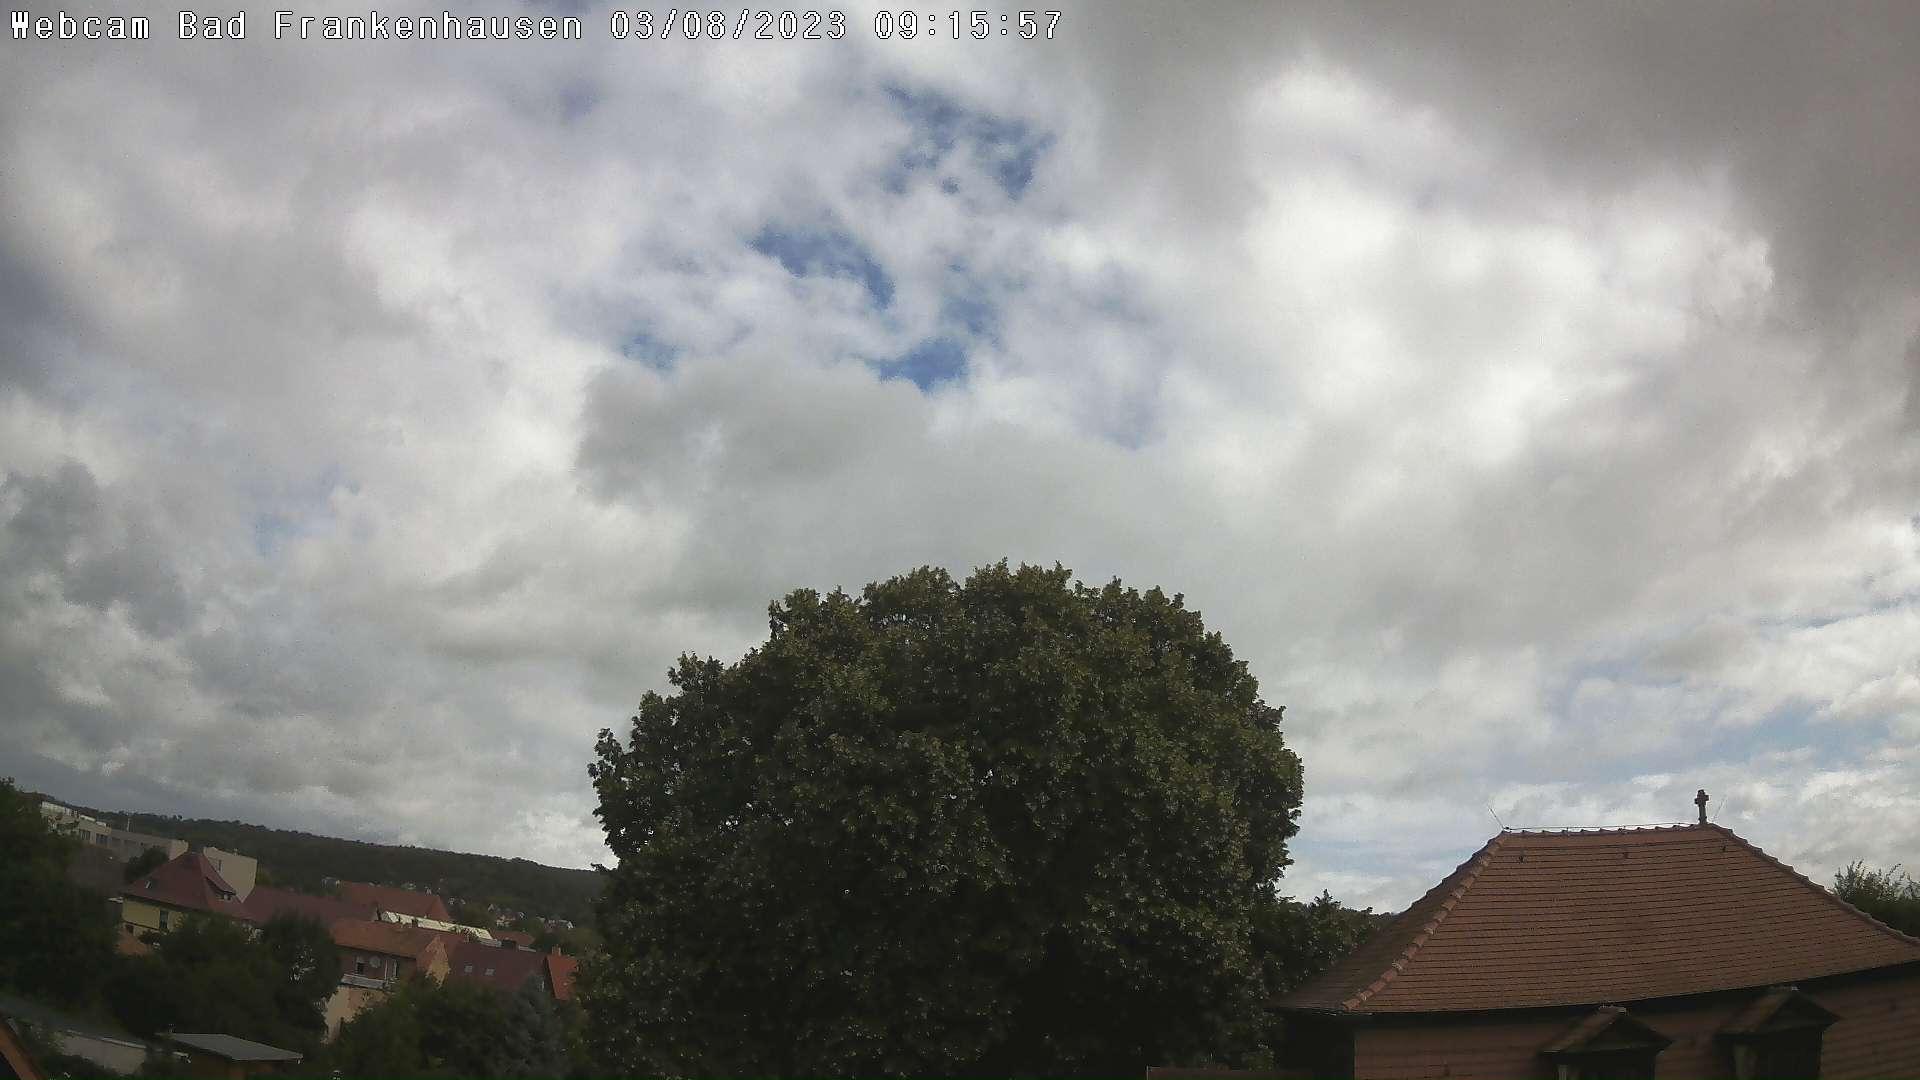 Bad Frankenhausen Tue. 09:18